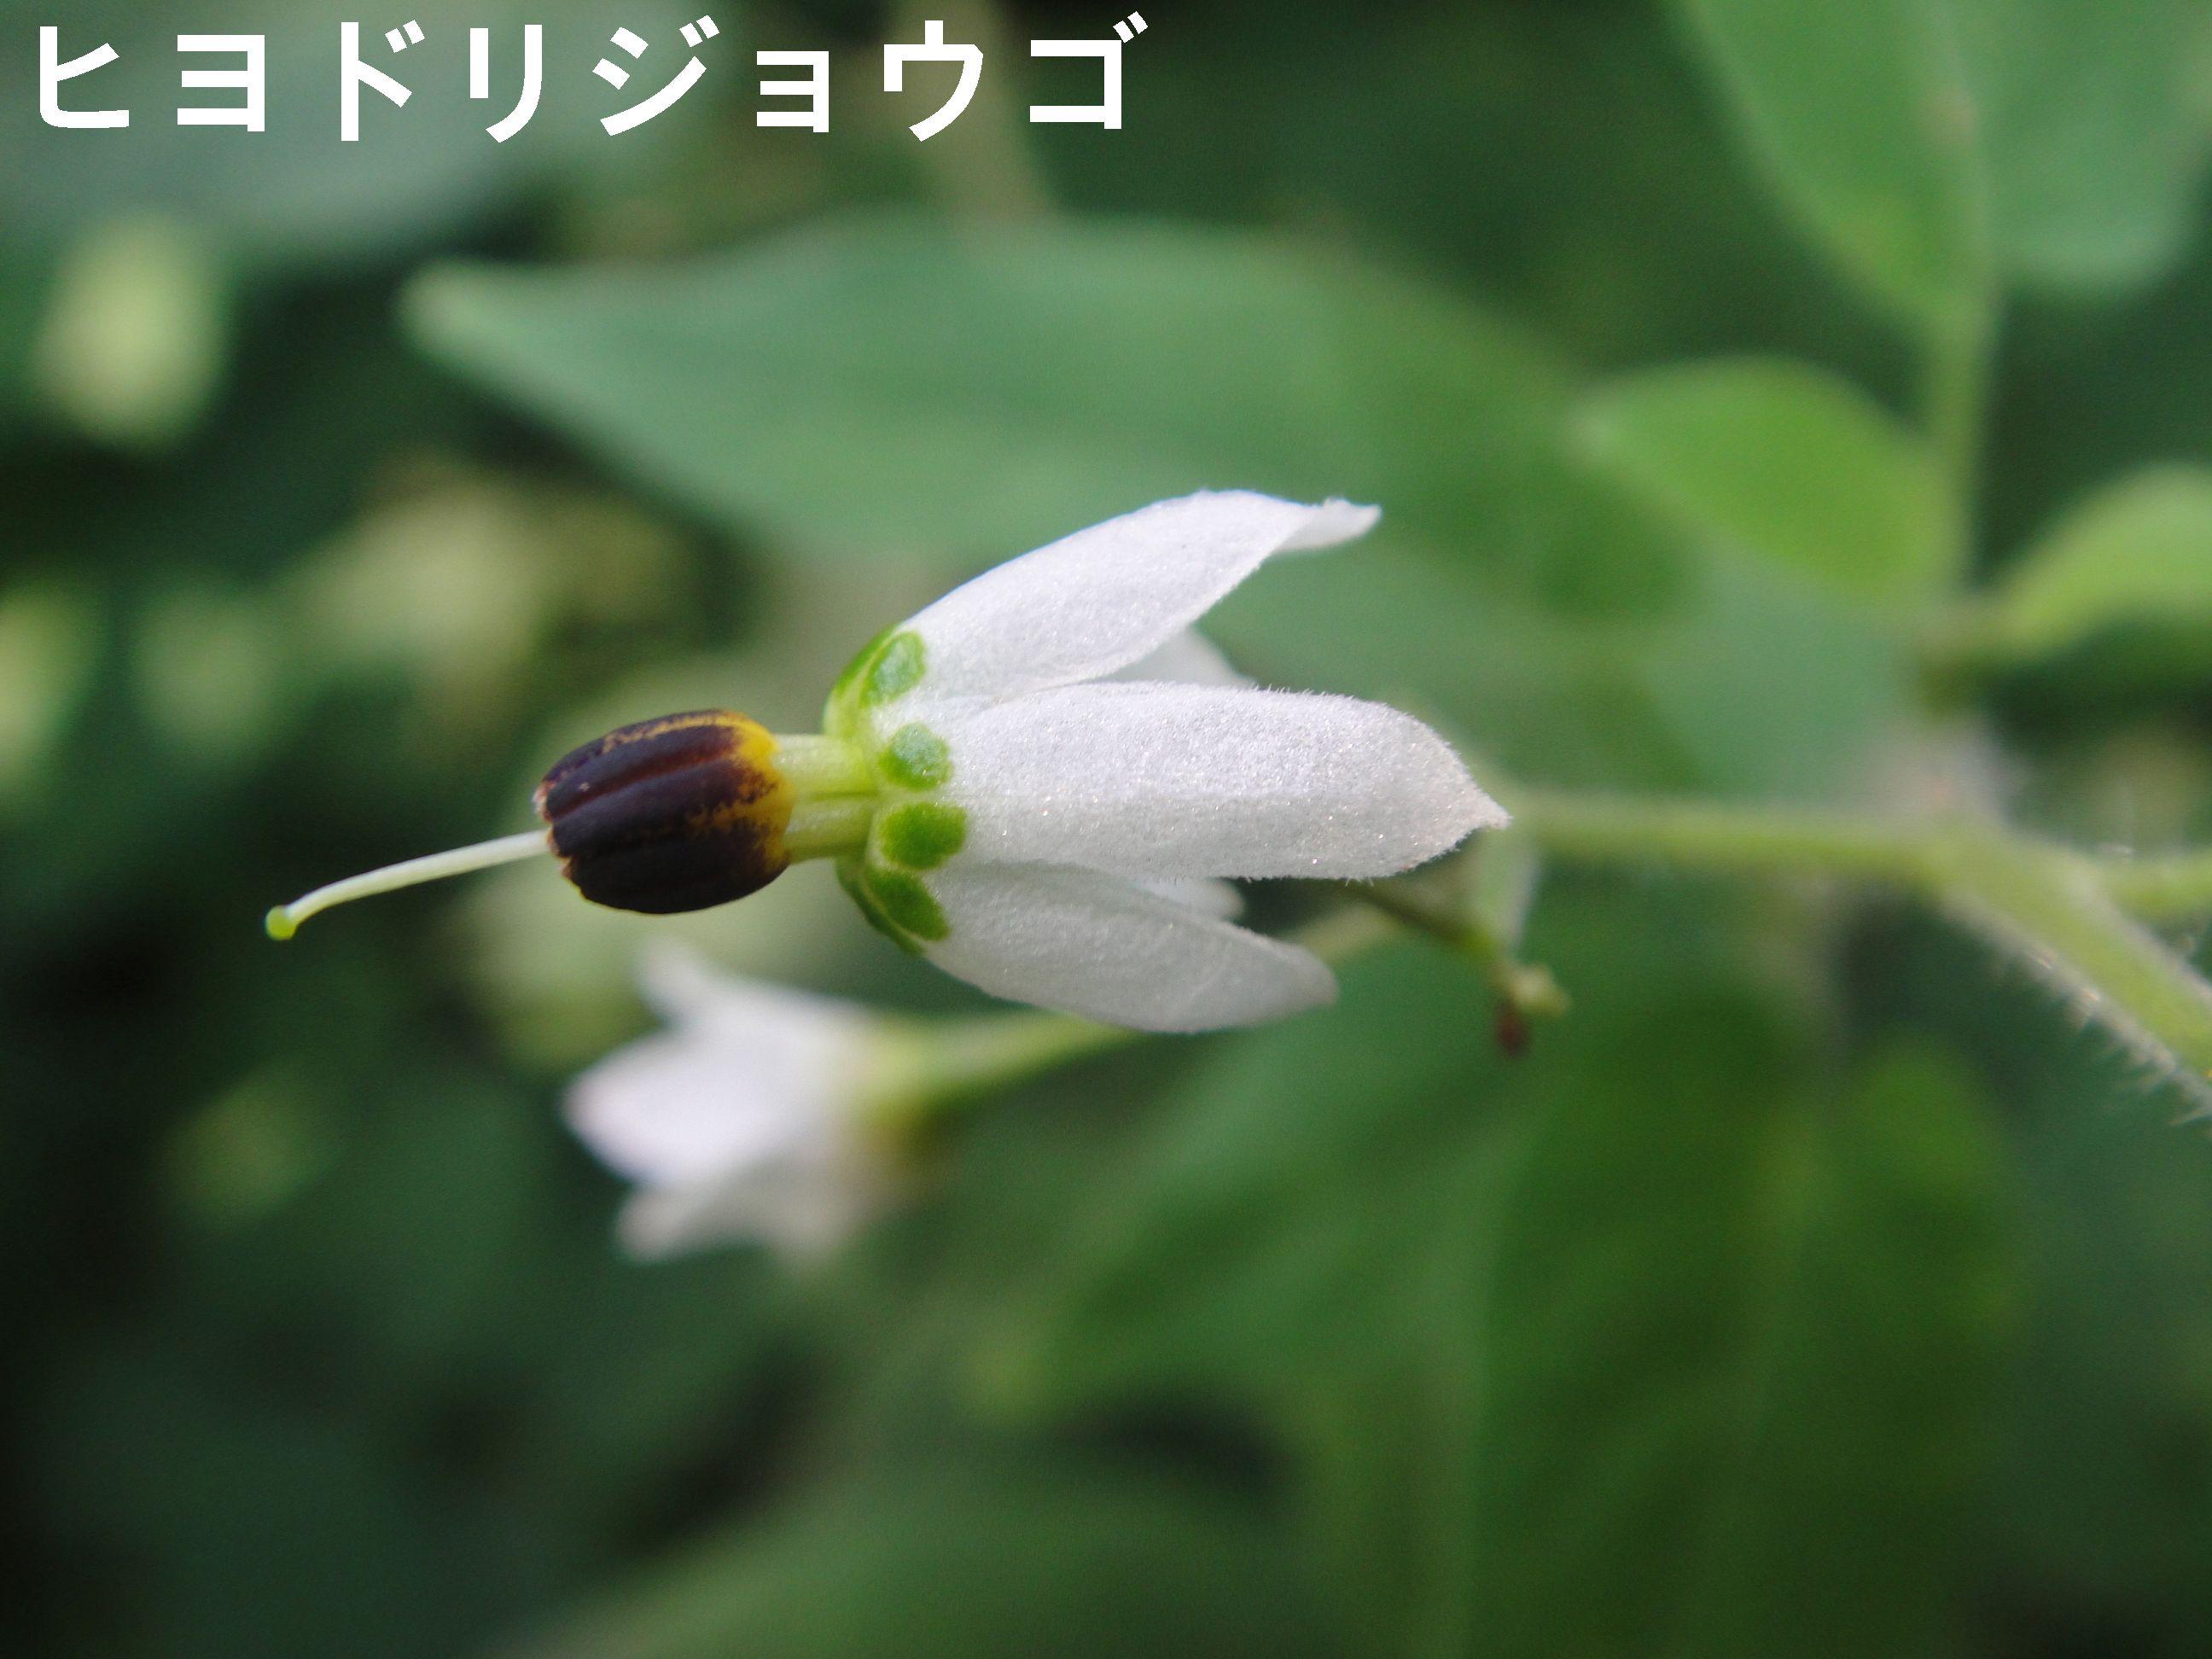 昼間咲いていたカラスウリの花!! in うみべの森H23年9月度植物調査_c0108460_15143923.jpg